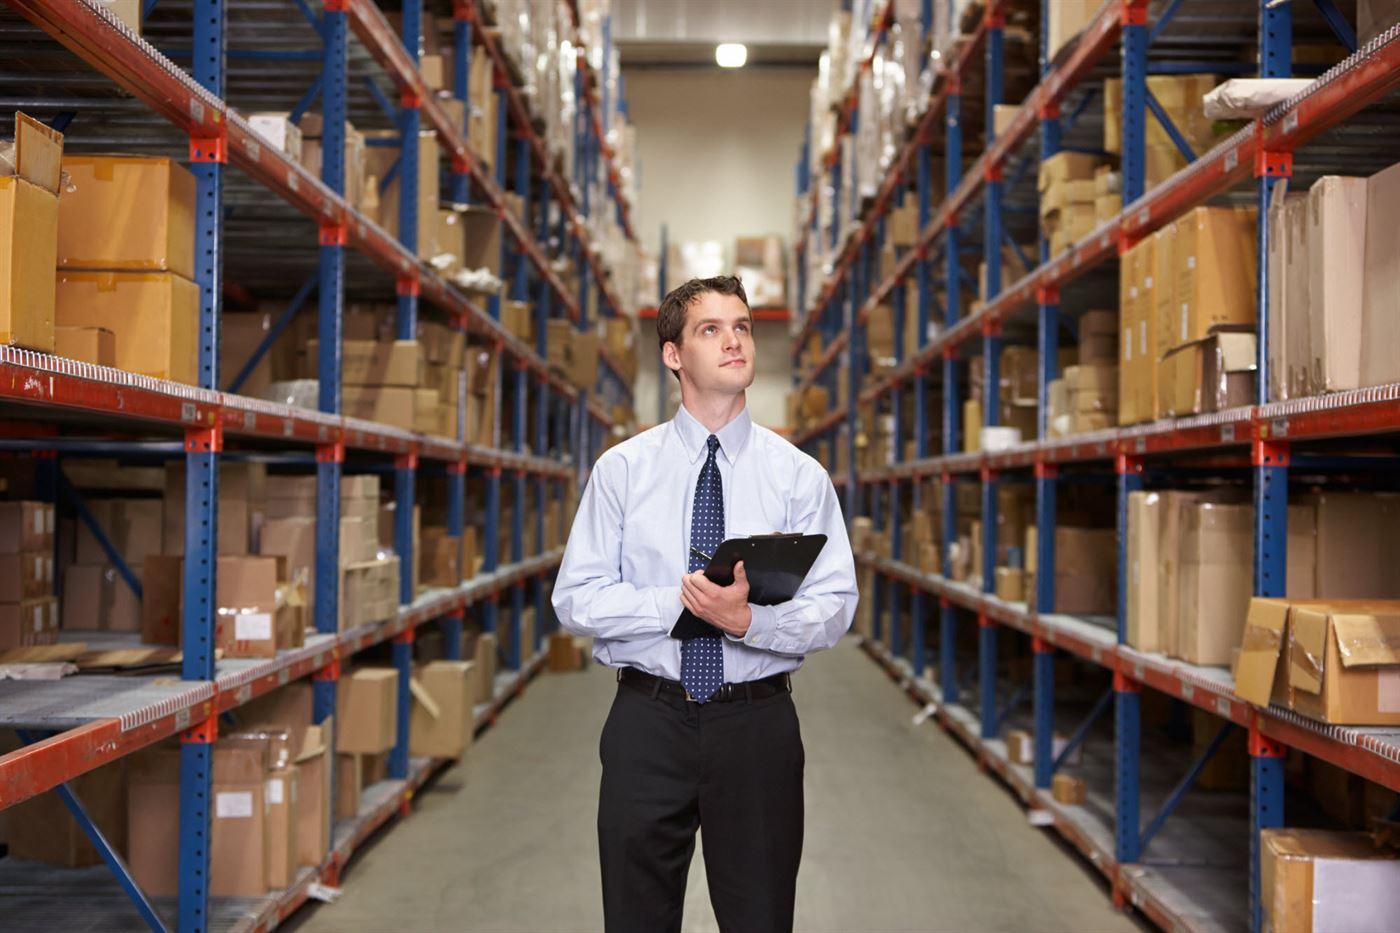 إدارة أزمات المكتبات ومراكز المعلومات